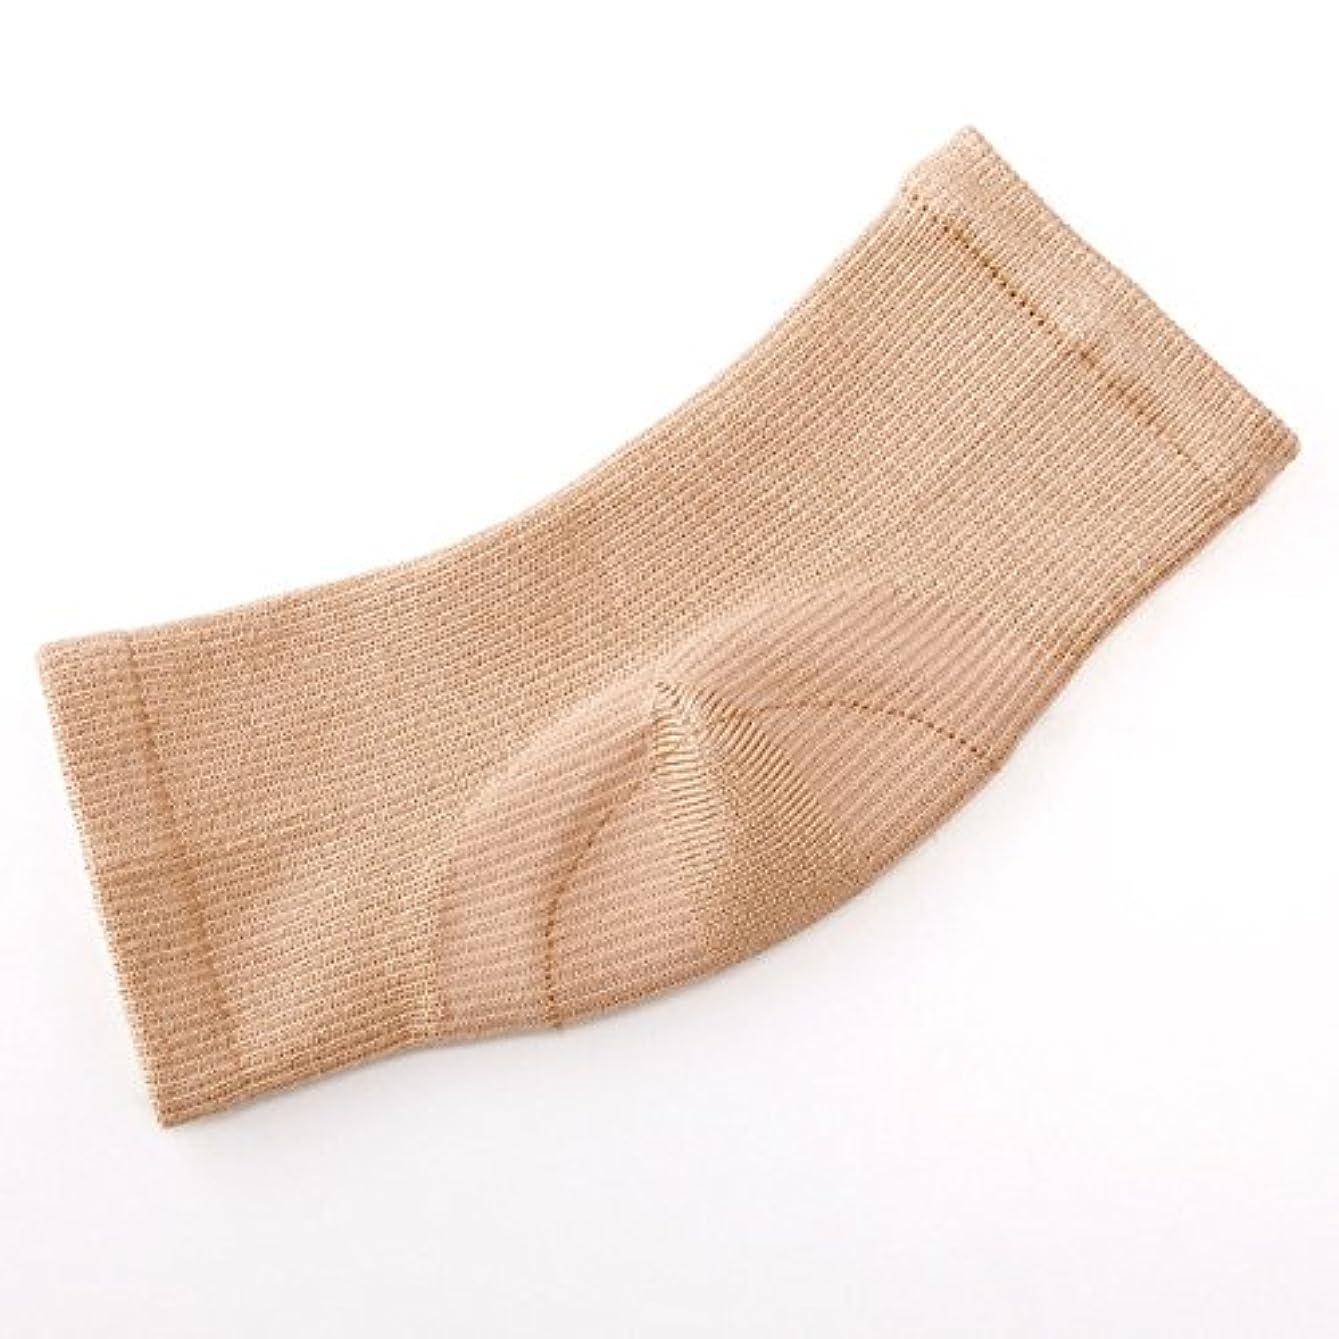 差別する休憩アークシルク混かかと足裏つるるん シルク混 フットカバー かかと 保湿 フットケア 靴下